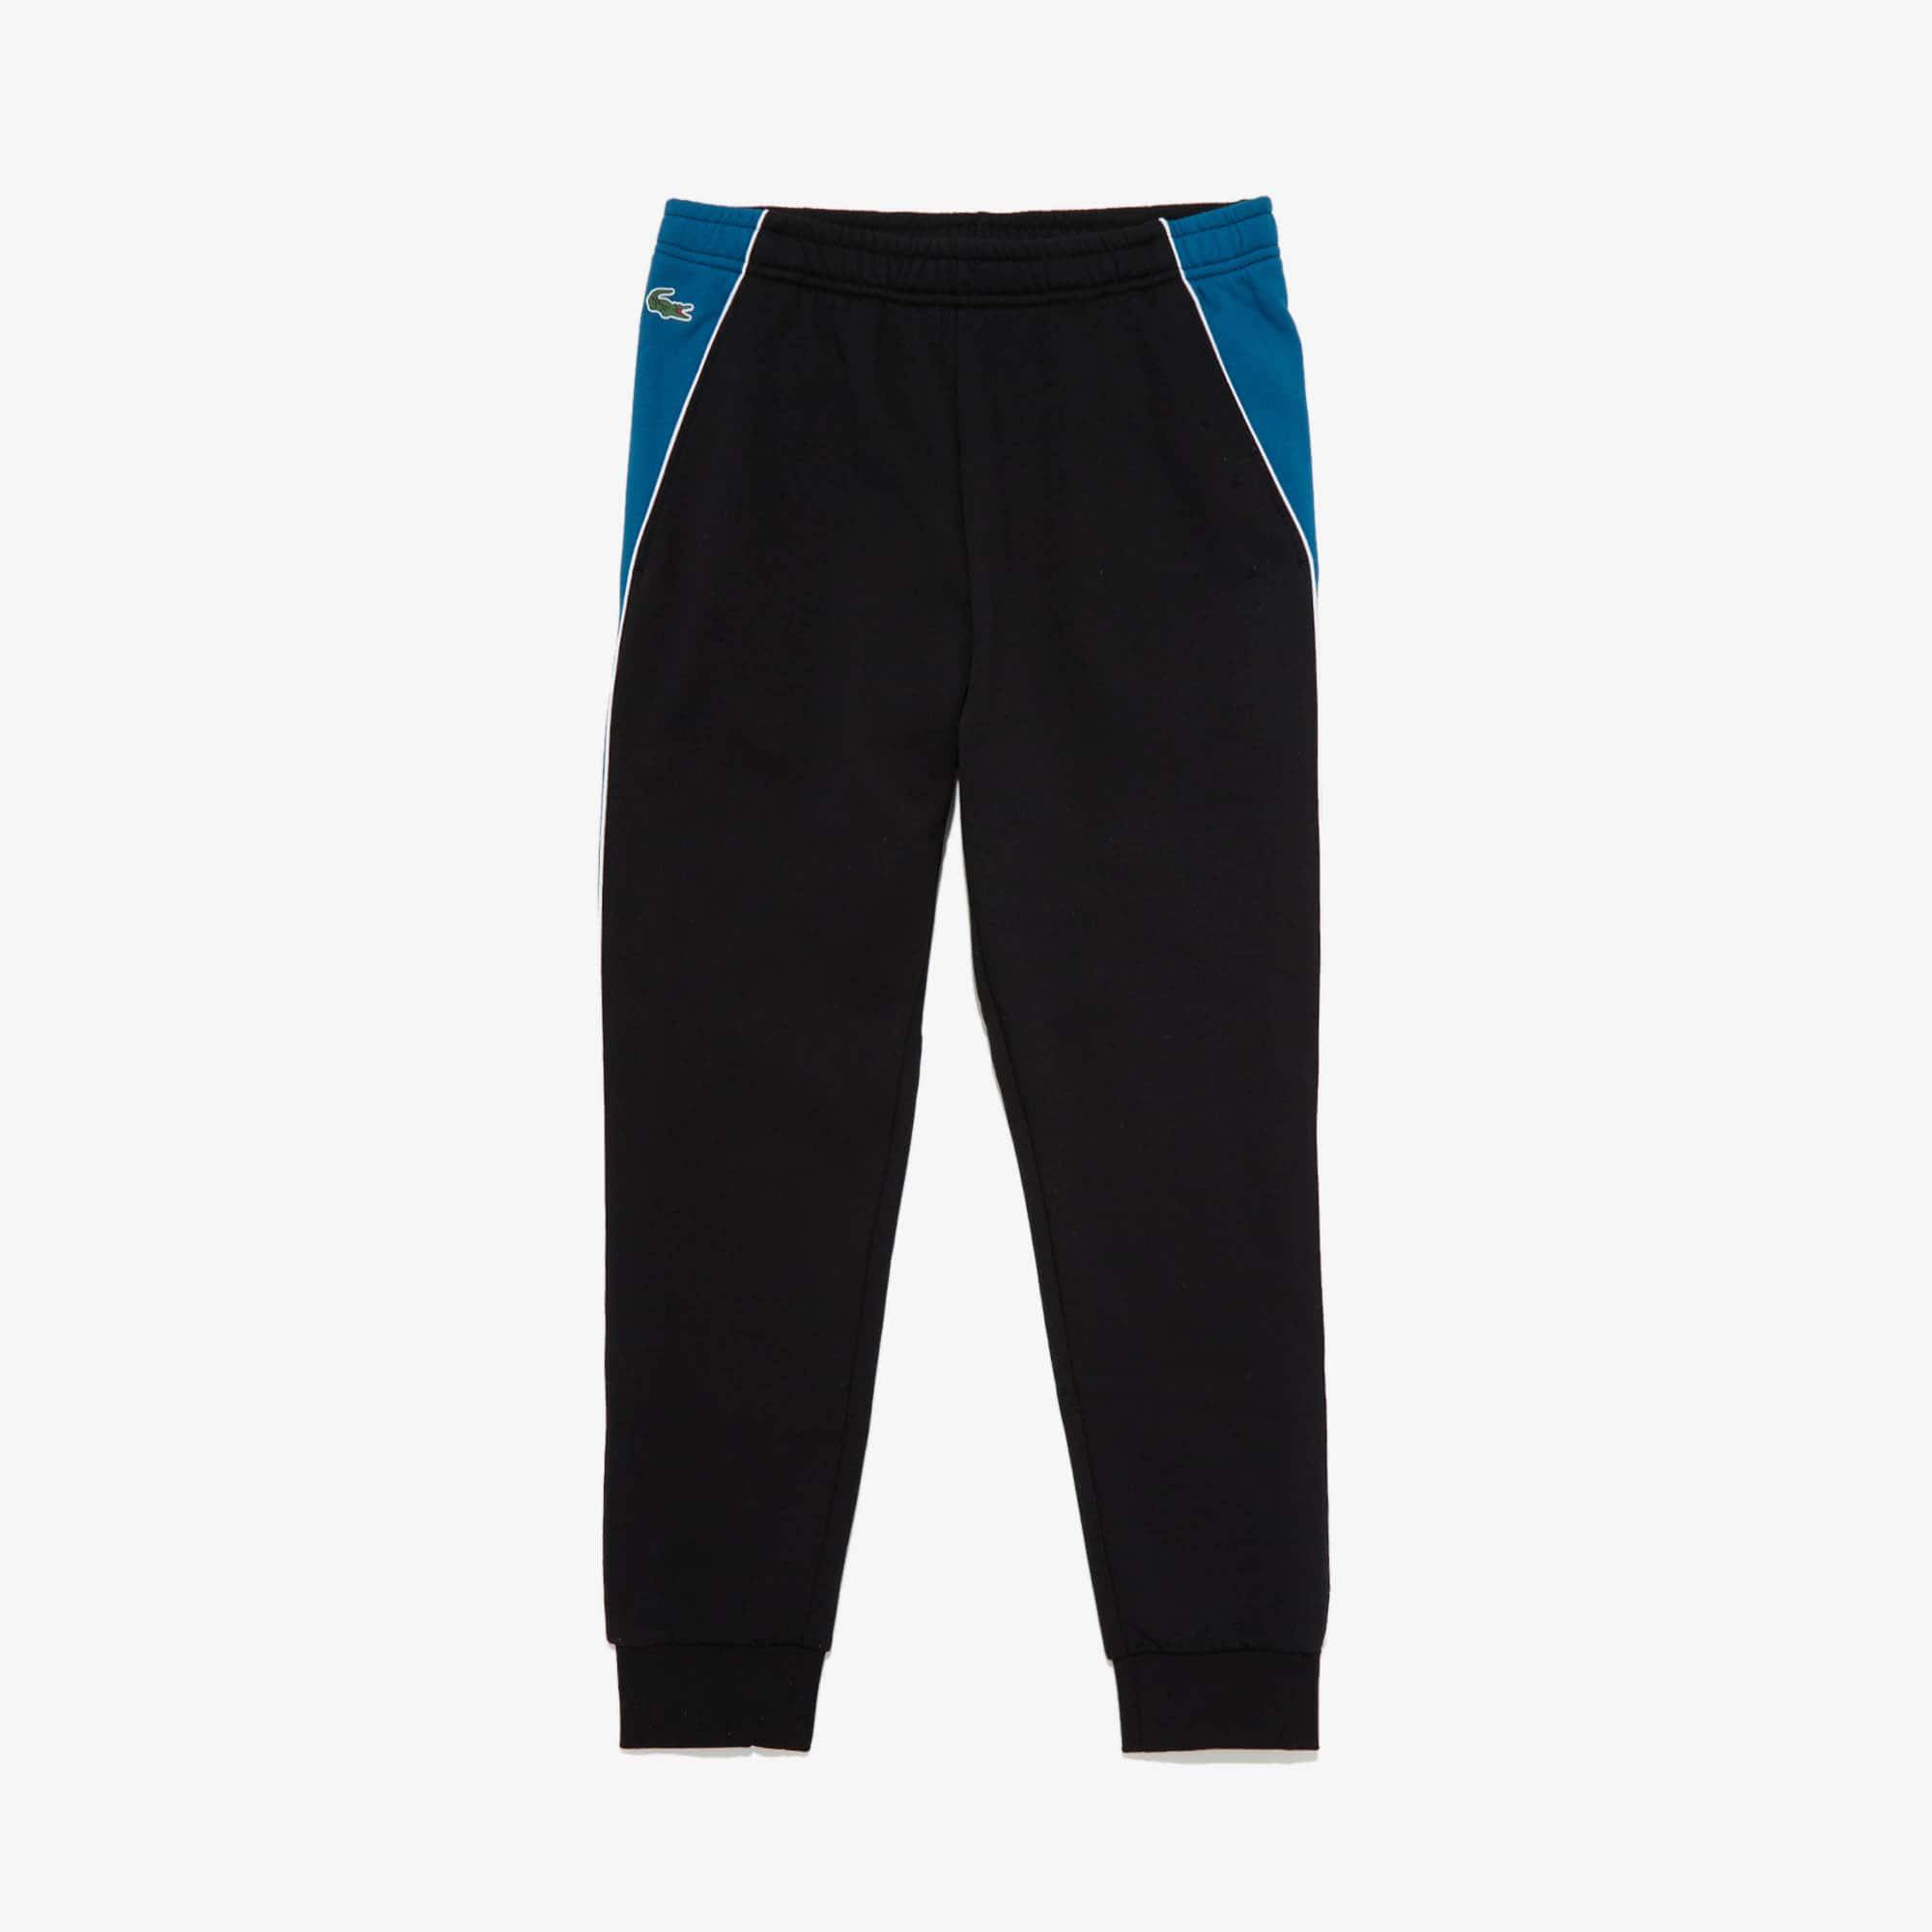 라코스테 Lacoste Mens SPORT Colorblock Bands Fleece Sweatpants,Black / Blue / White - 3SP